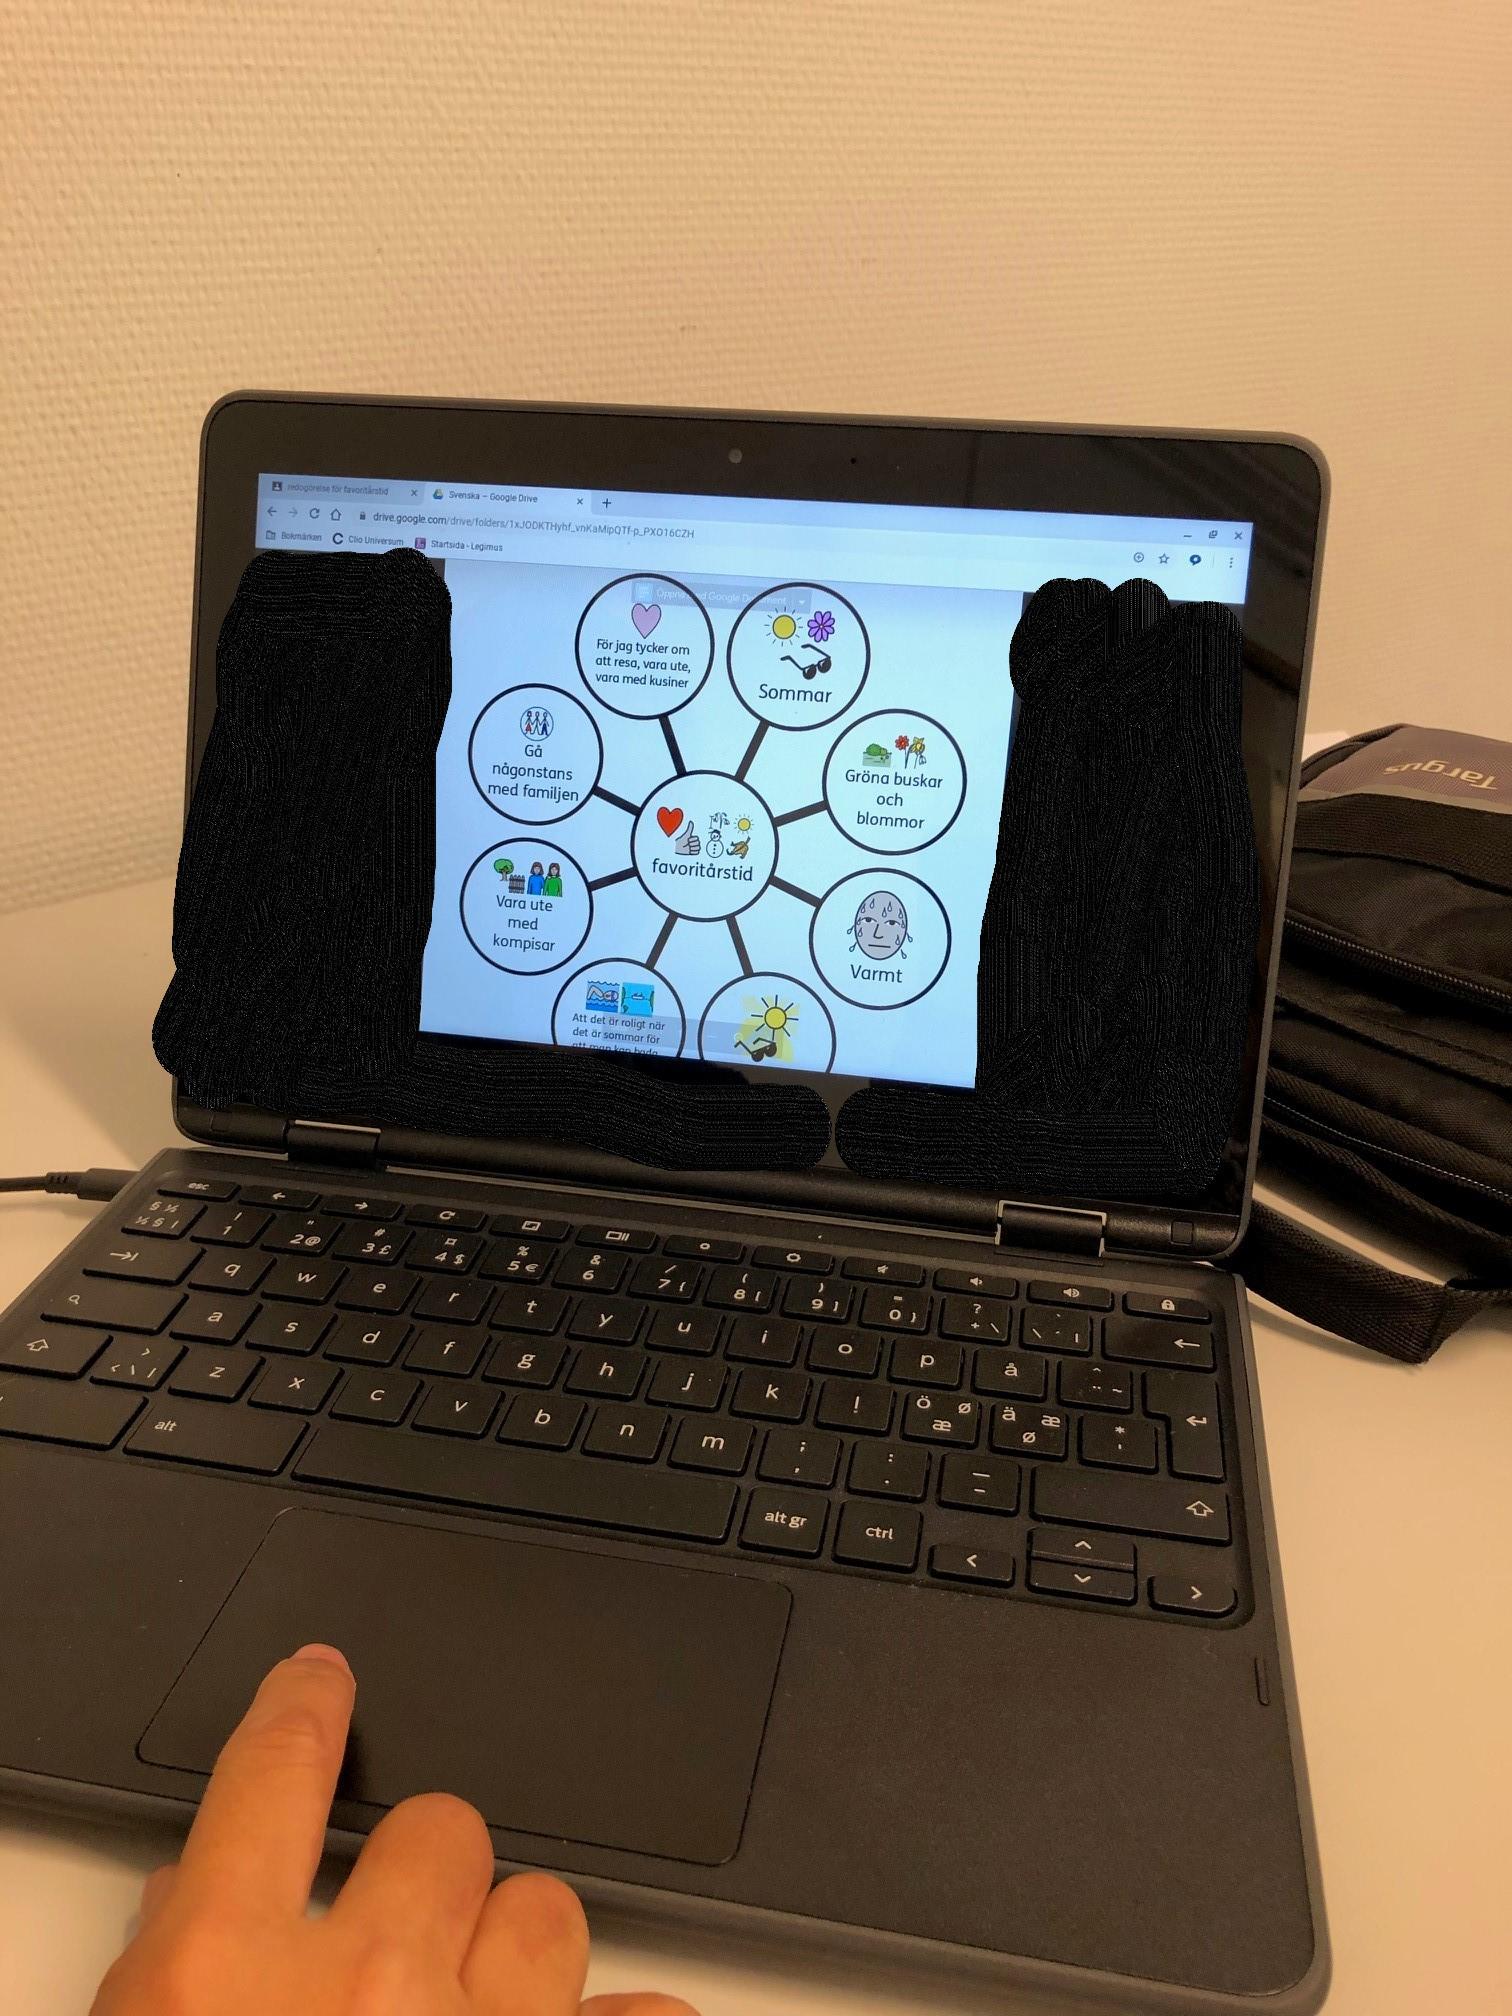 En tankekarta visas på skärmen.